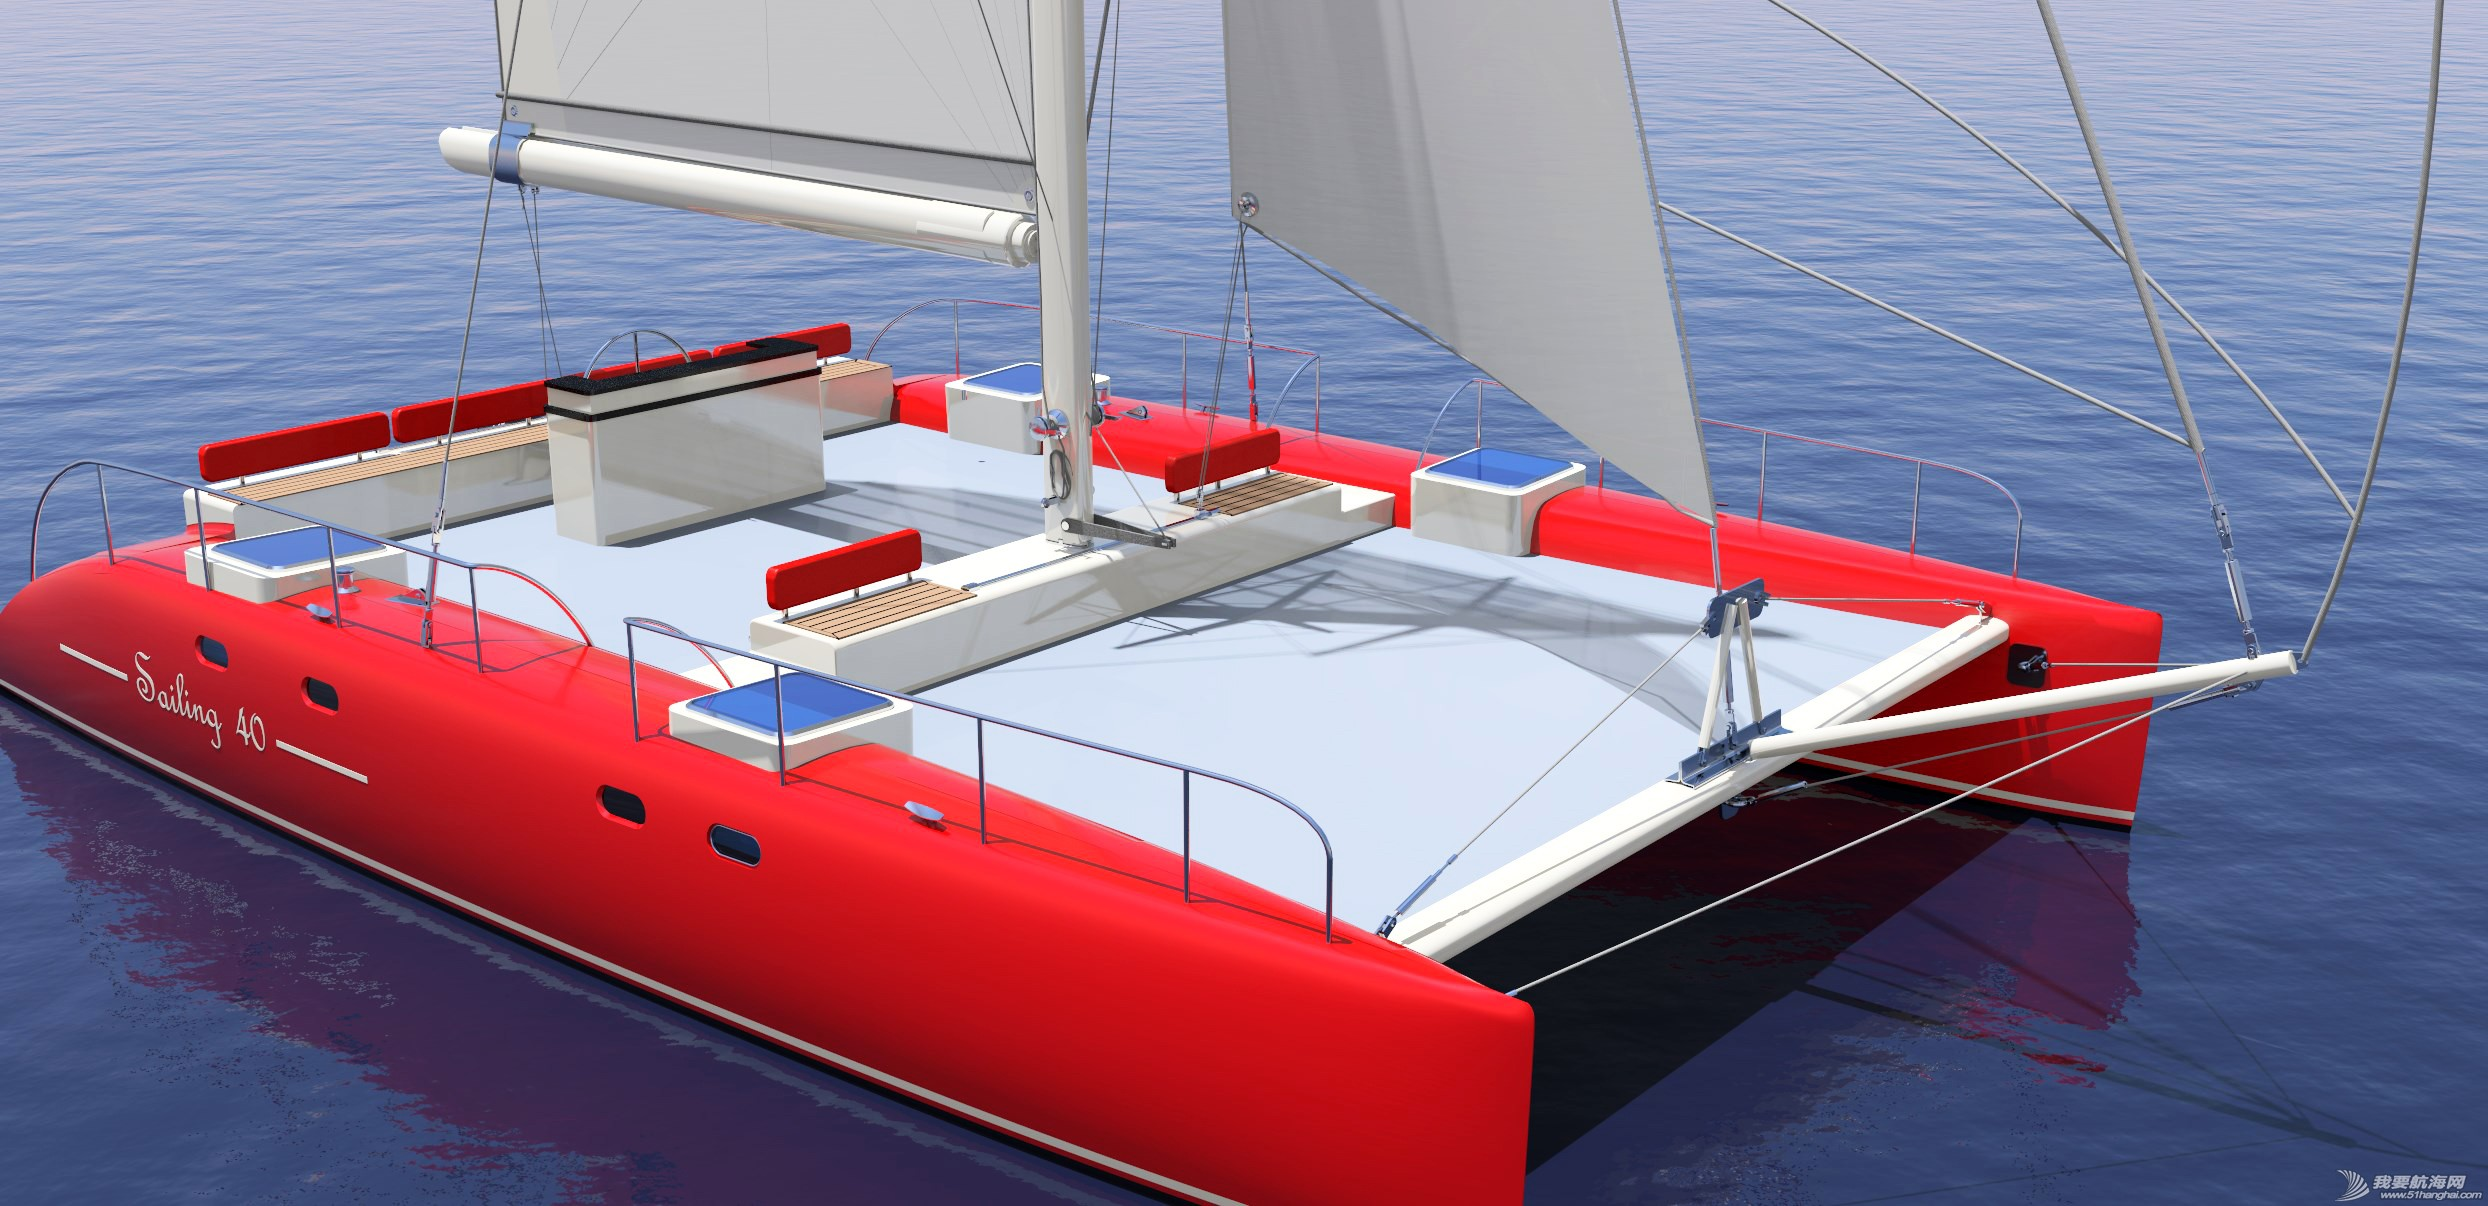 休闲旅游,有限公司,帆船,证书,日照 40英尺双体帆船,比赛休闲两用,法定船检证书和试航证书 上部根据用户需要再设计